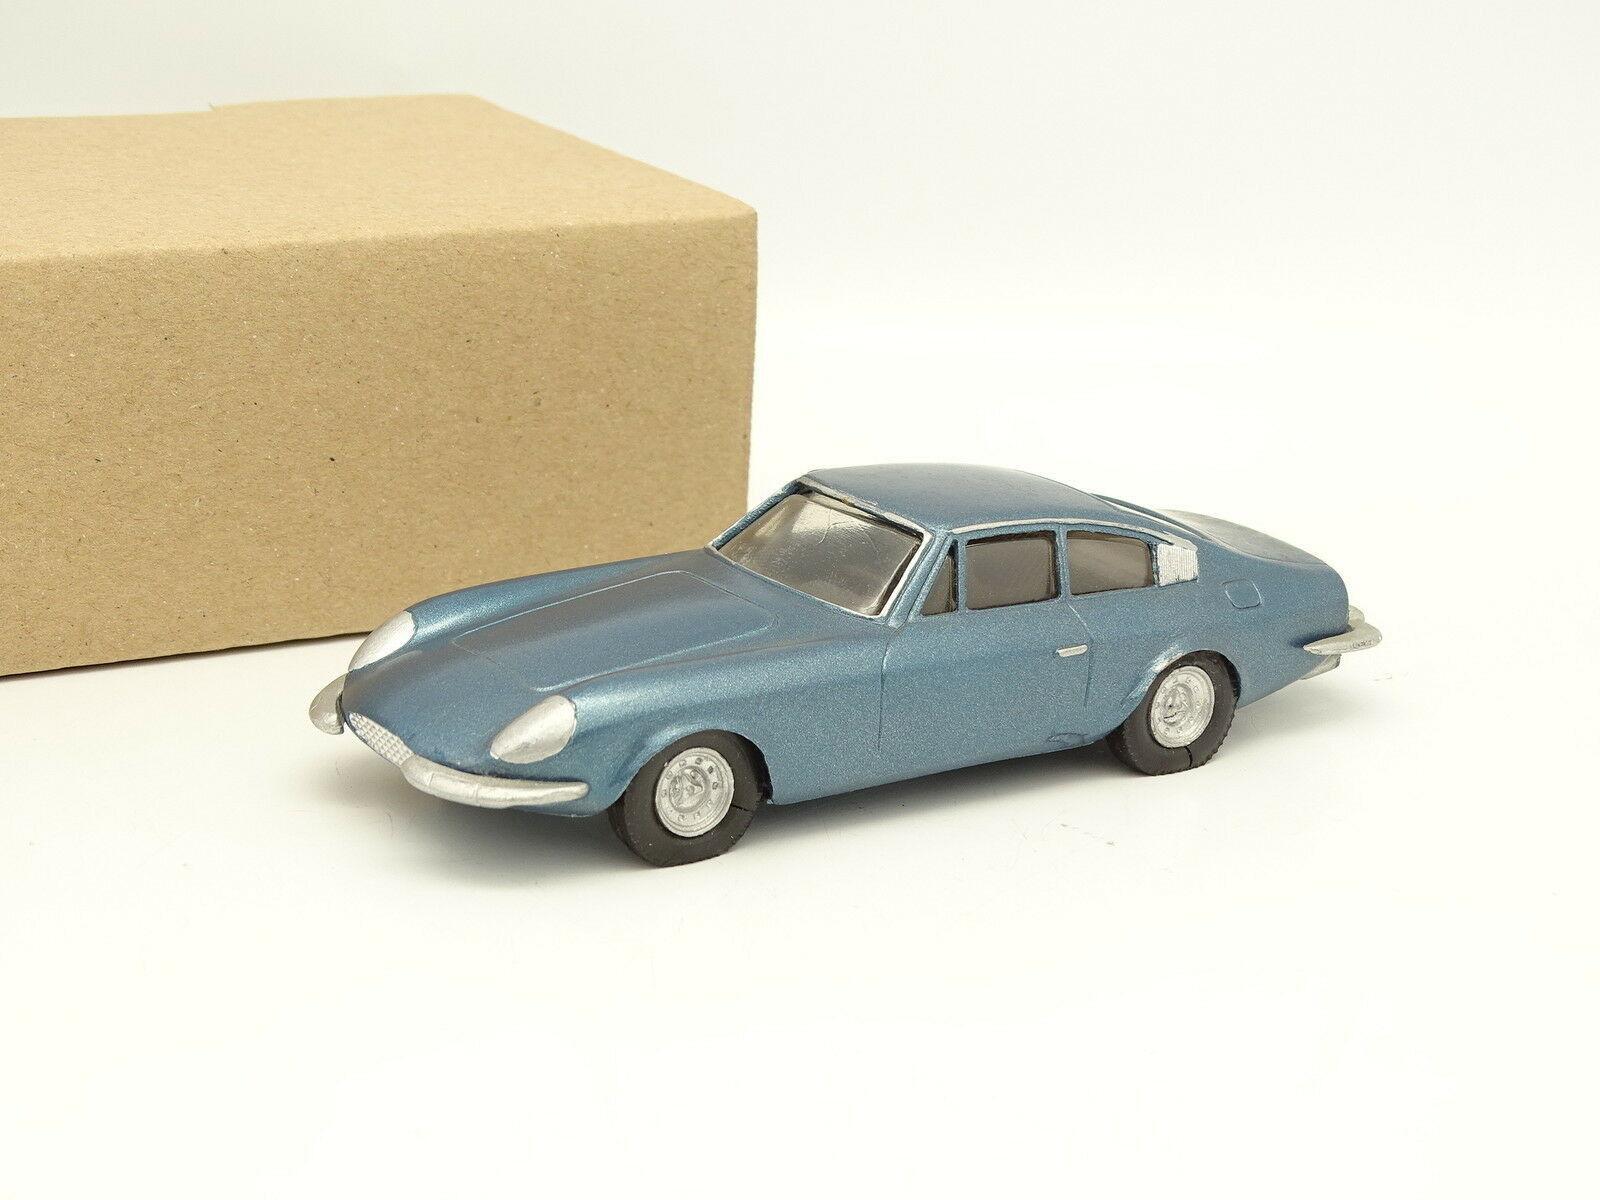 HVI Modelo Kit montado 1 43 - Ferrari 365 GT 2+2 blue